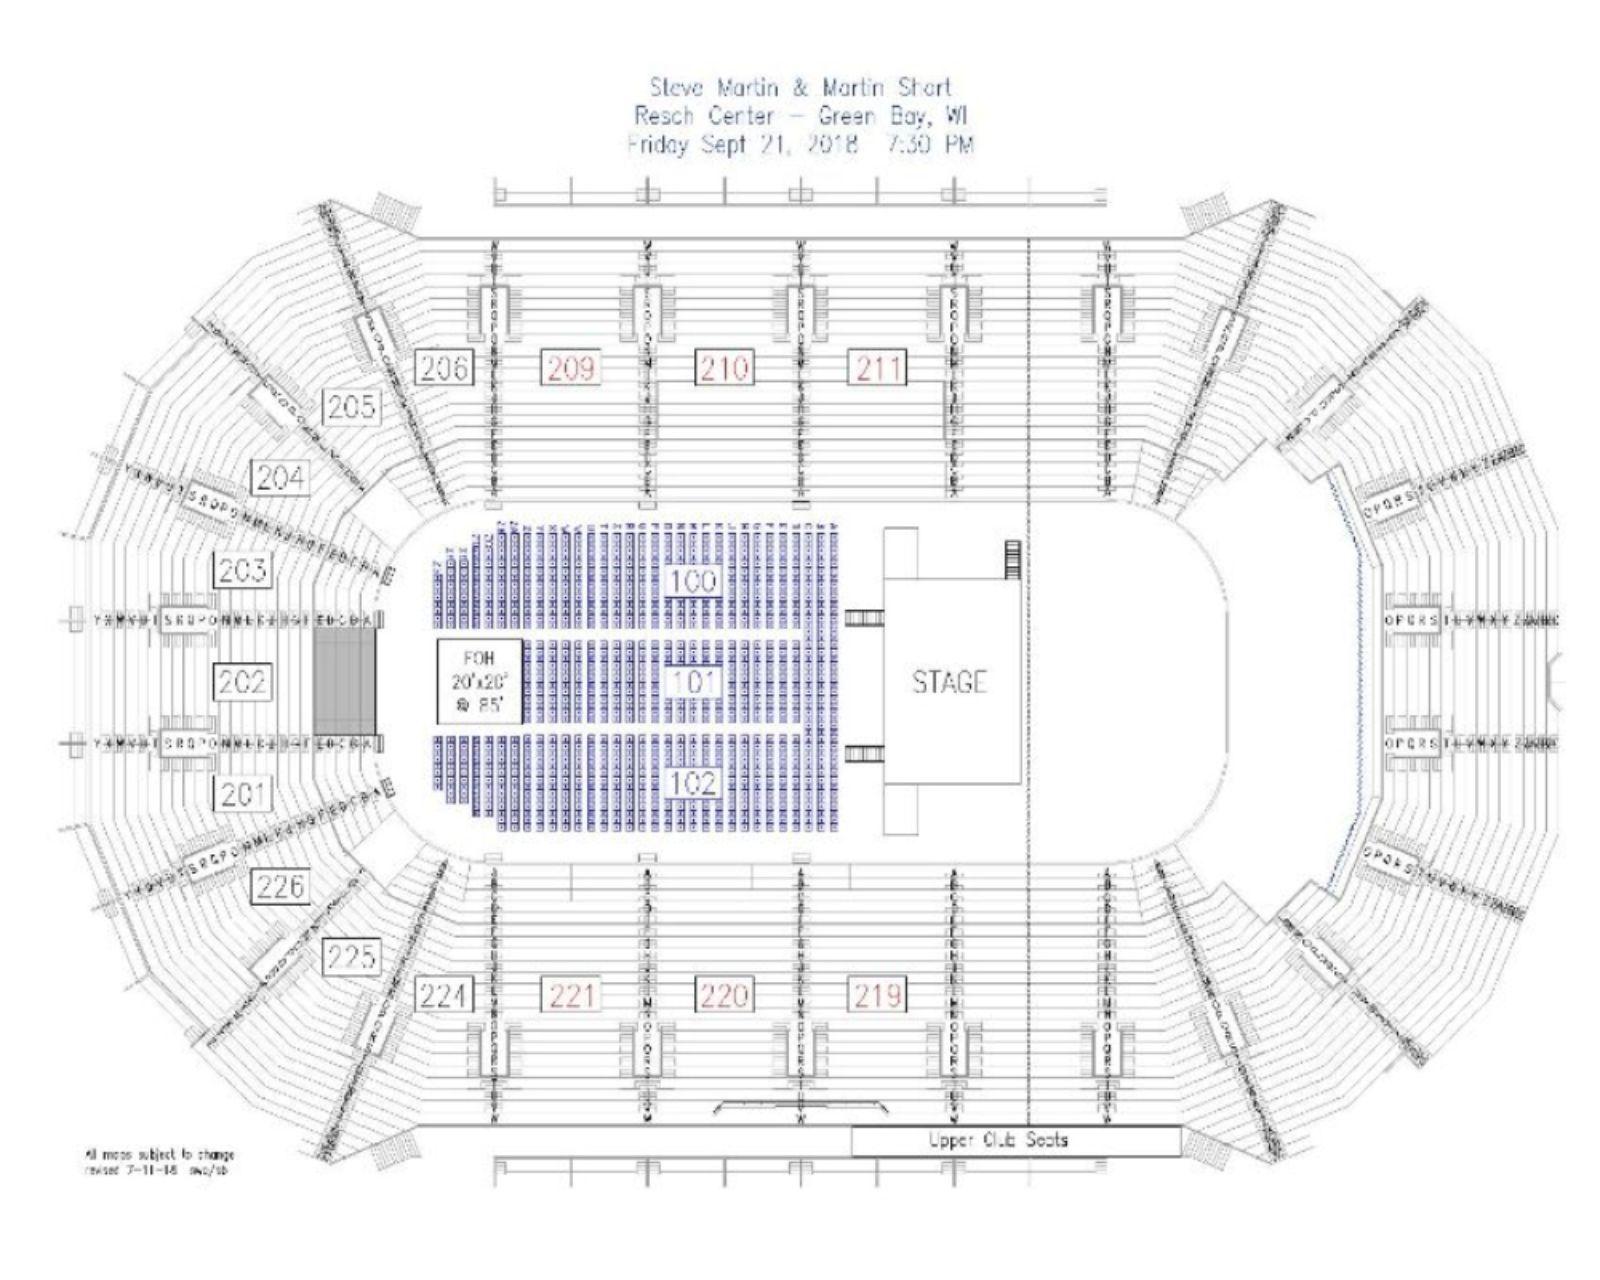 Steve martin martin short resch center view seating chart get directions colourmoves